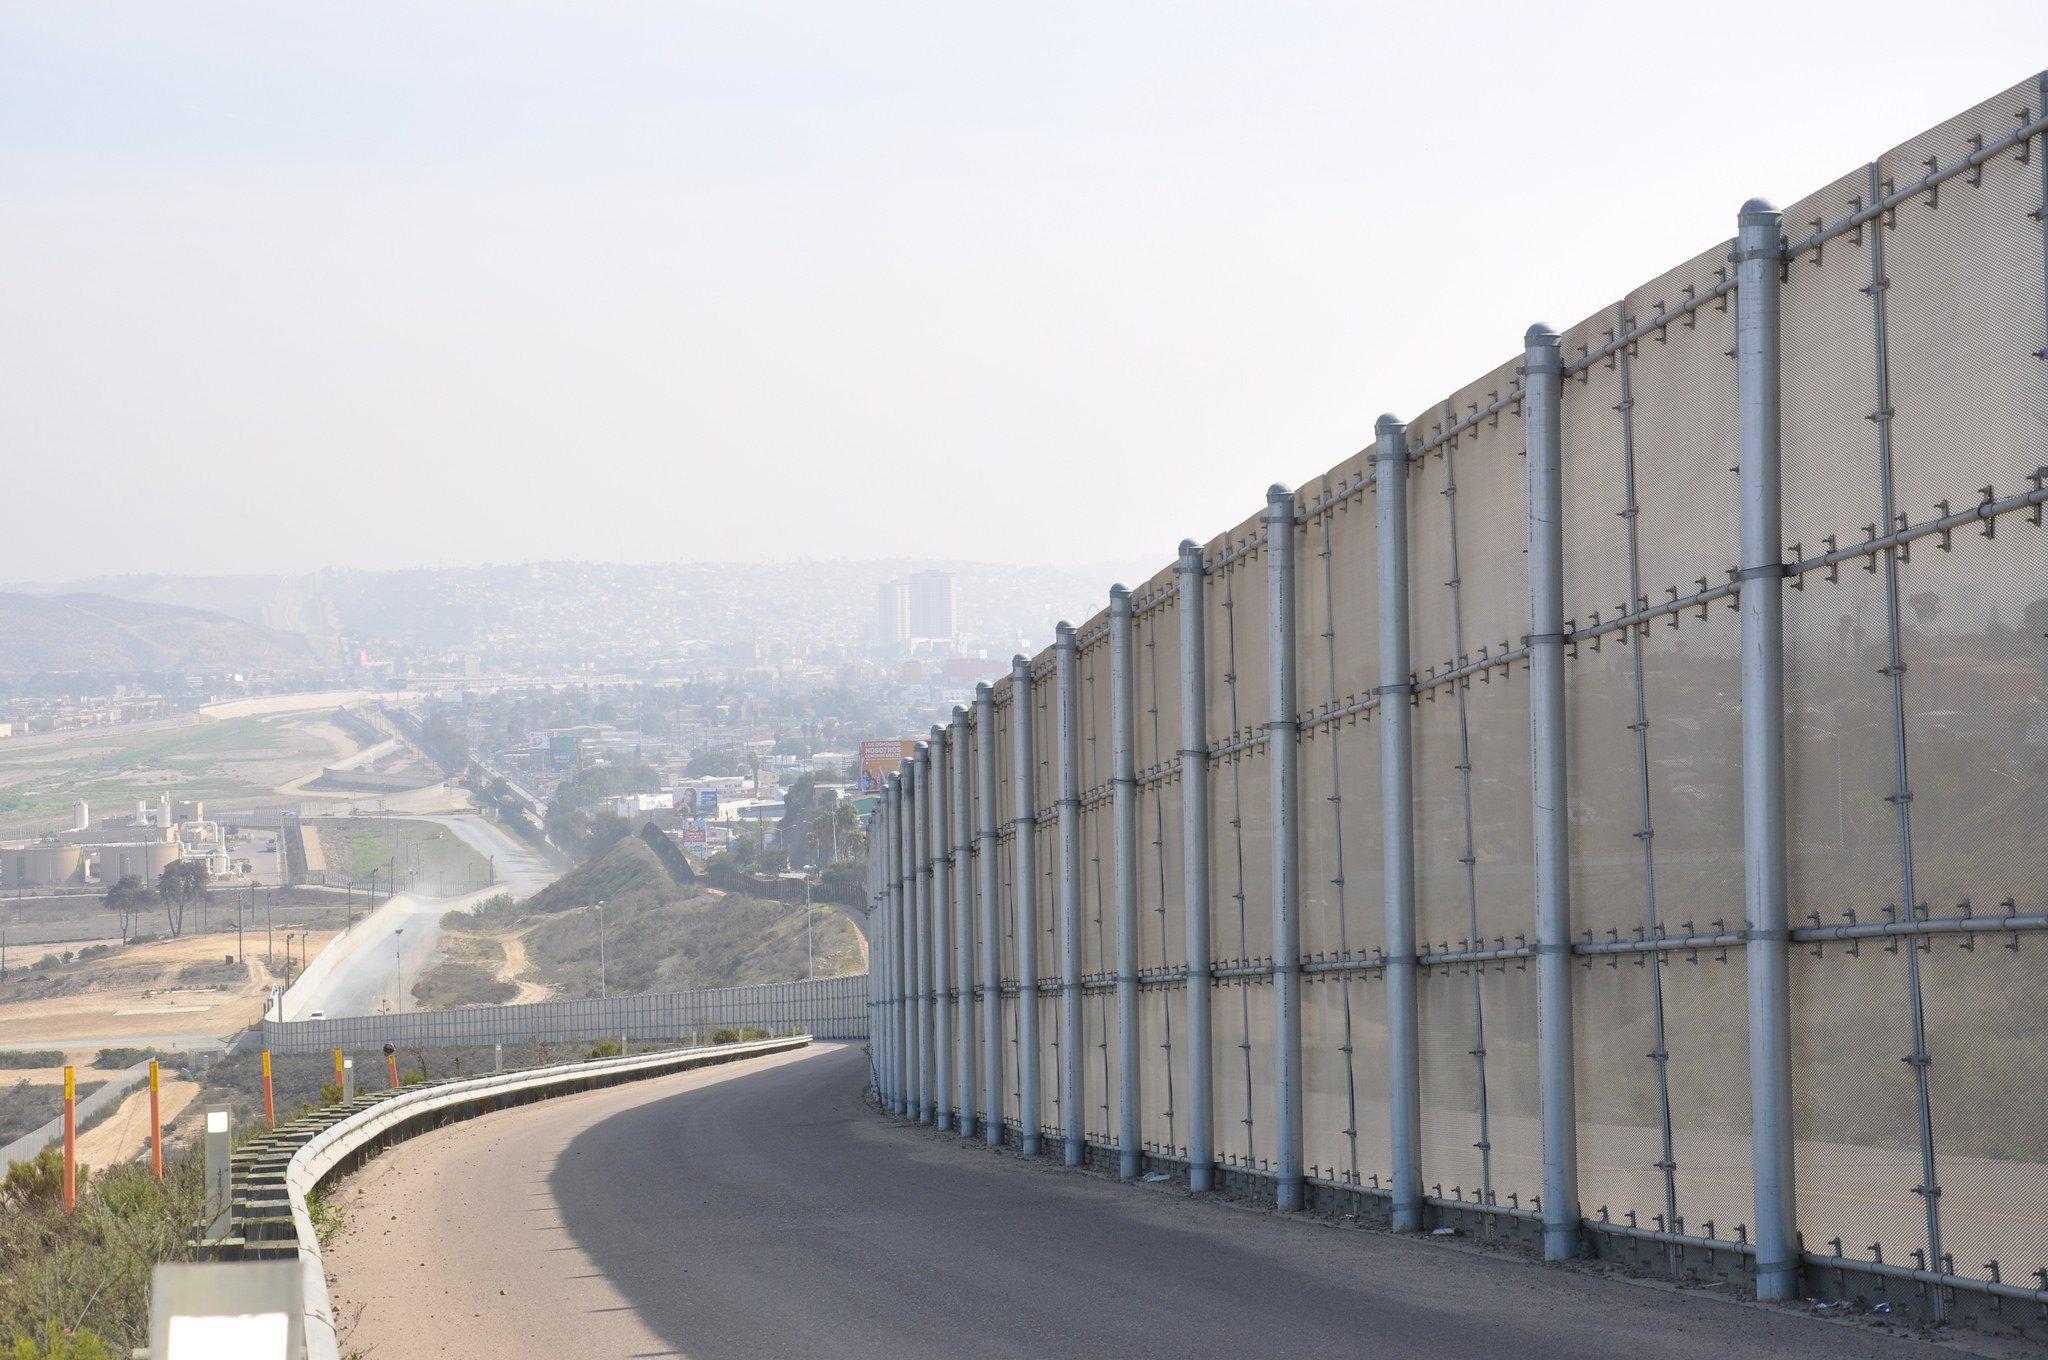 PorCausa te cuenta cómo un concurso anima a crear propuestas para la construcción del muro en la frontera con México bajo una falsa neutralidad política.